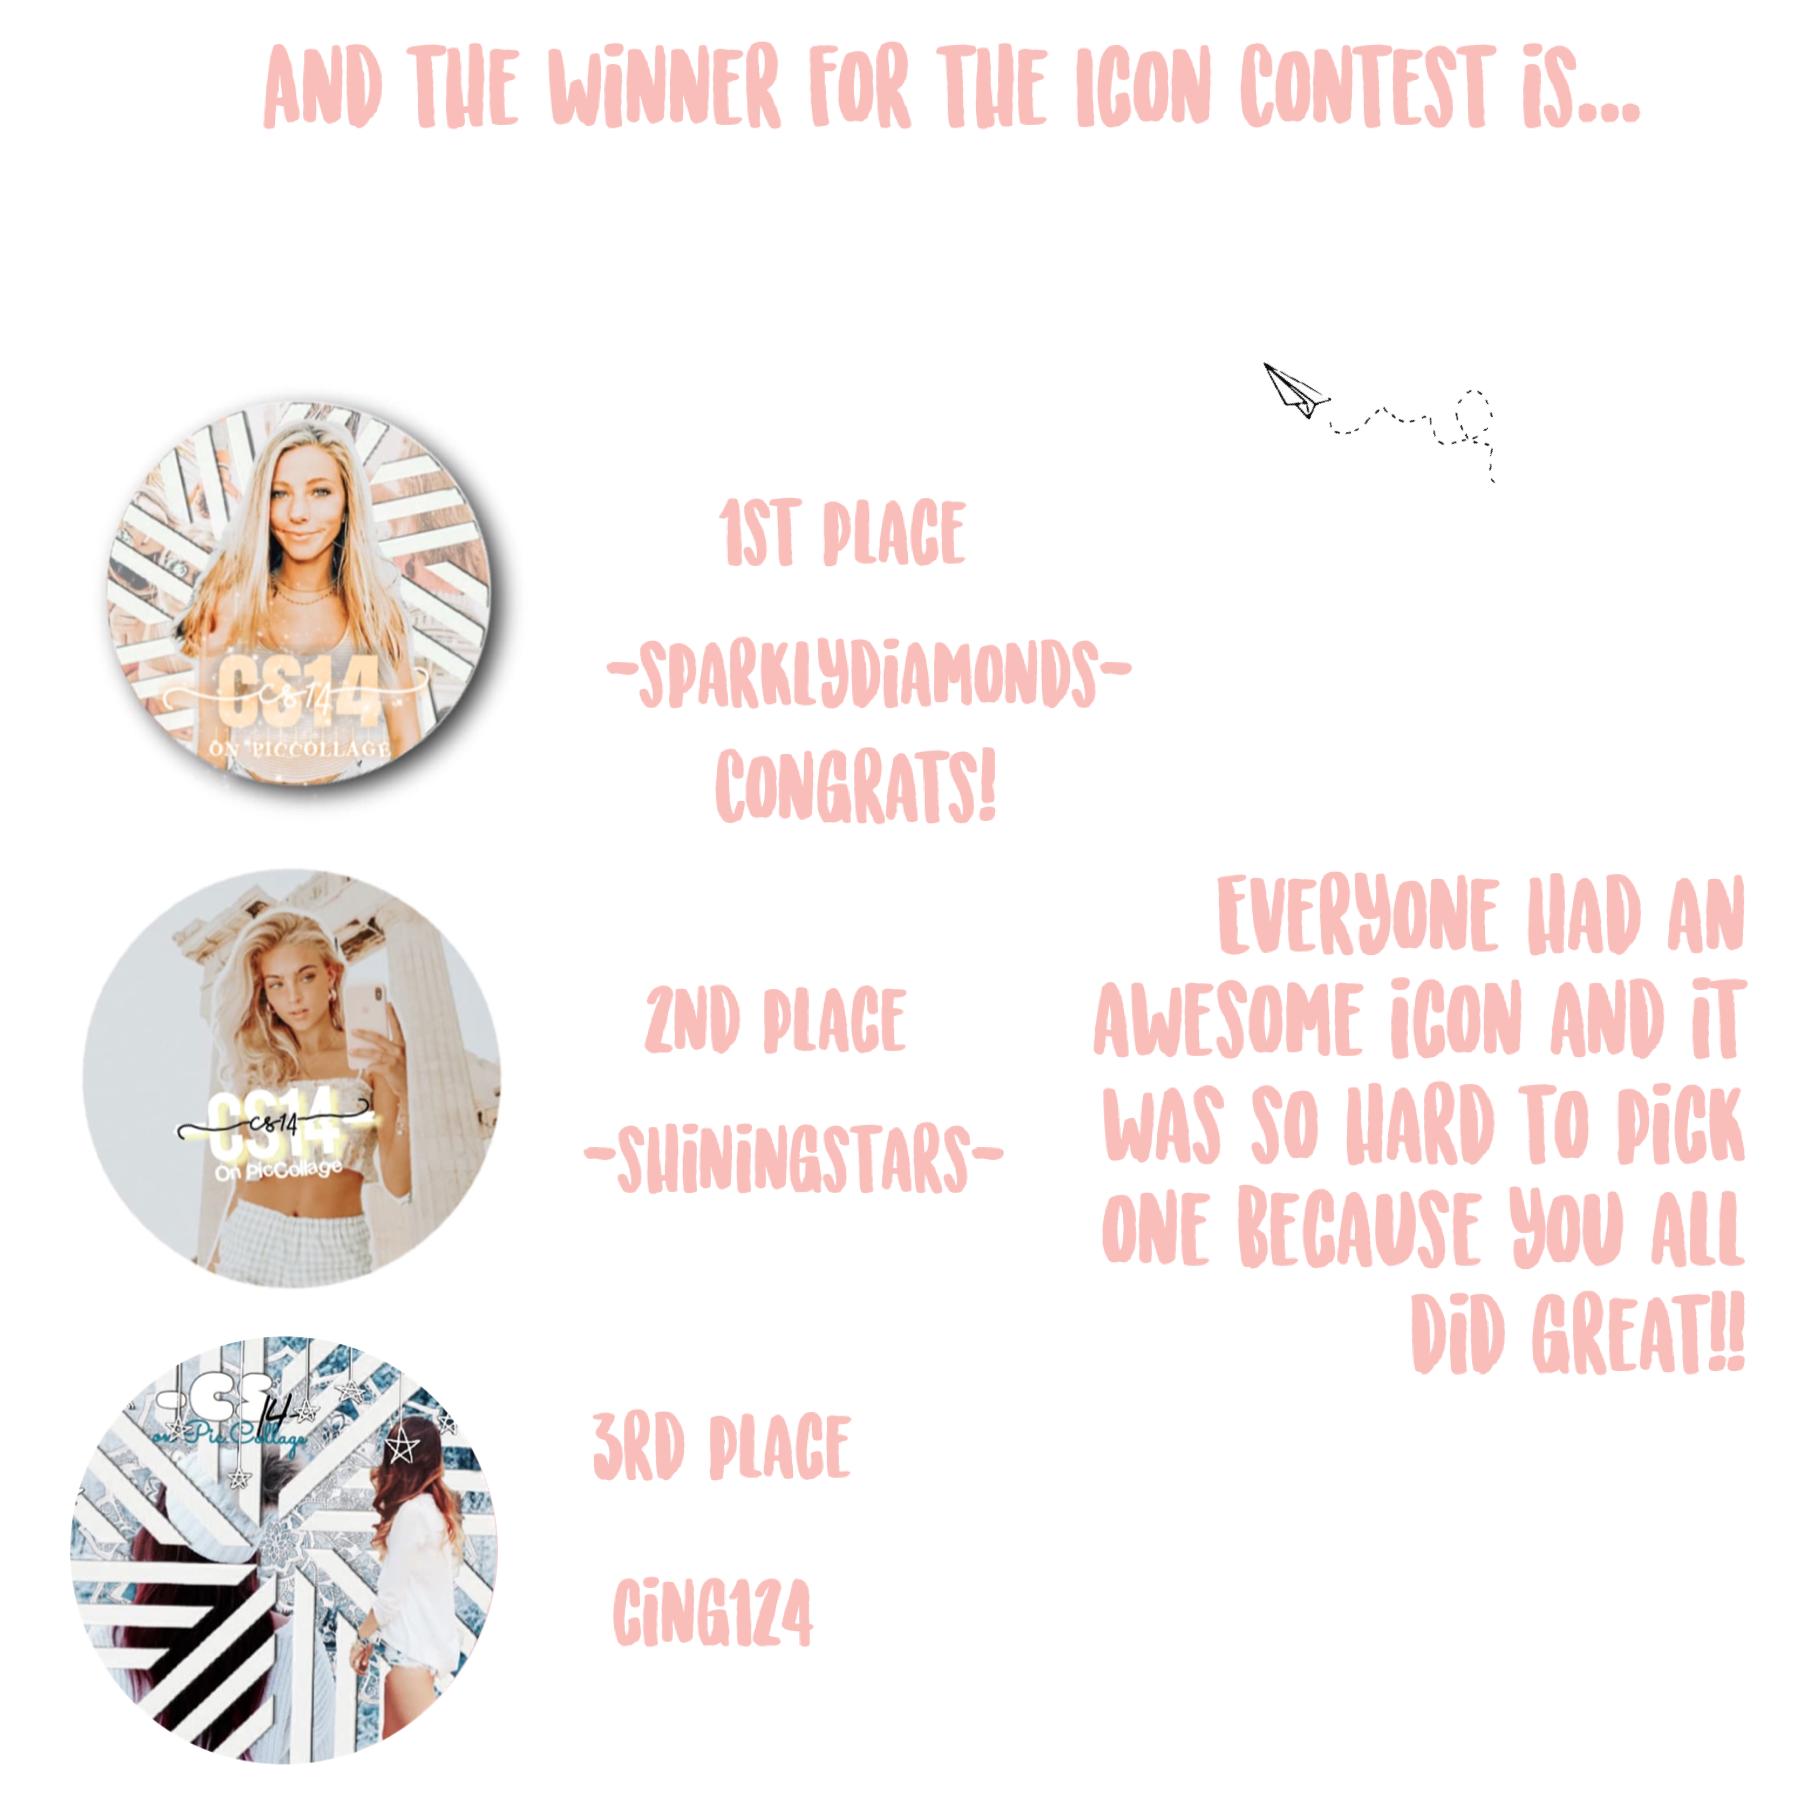 Icon Contest Results!